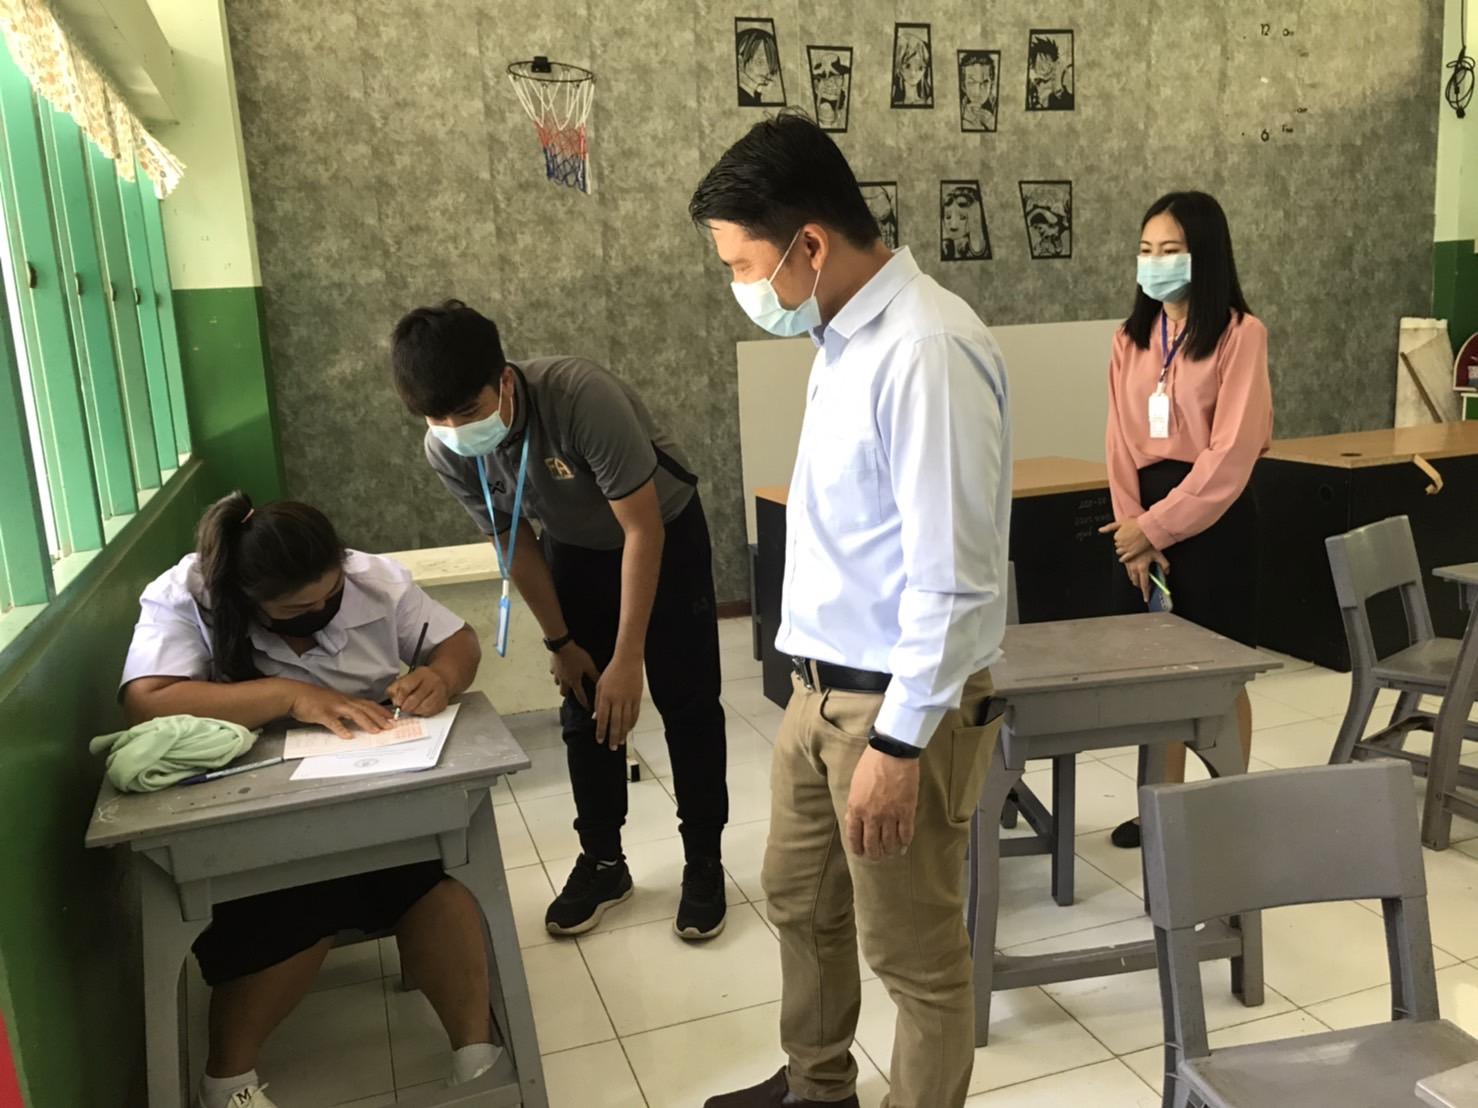 จัดสอบวัดผลสัมฤทธิ์ปลายภาคเรียนที่ 1 ปีการศึกษา 2564